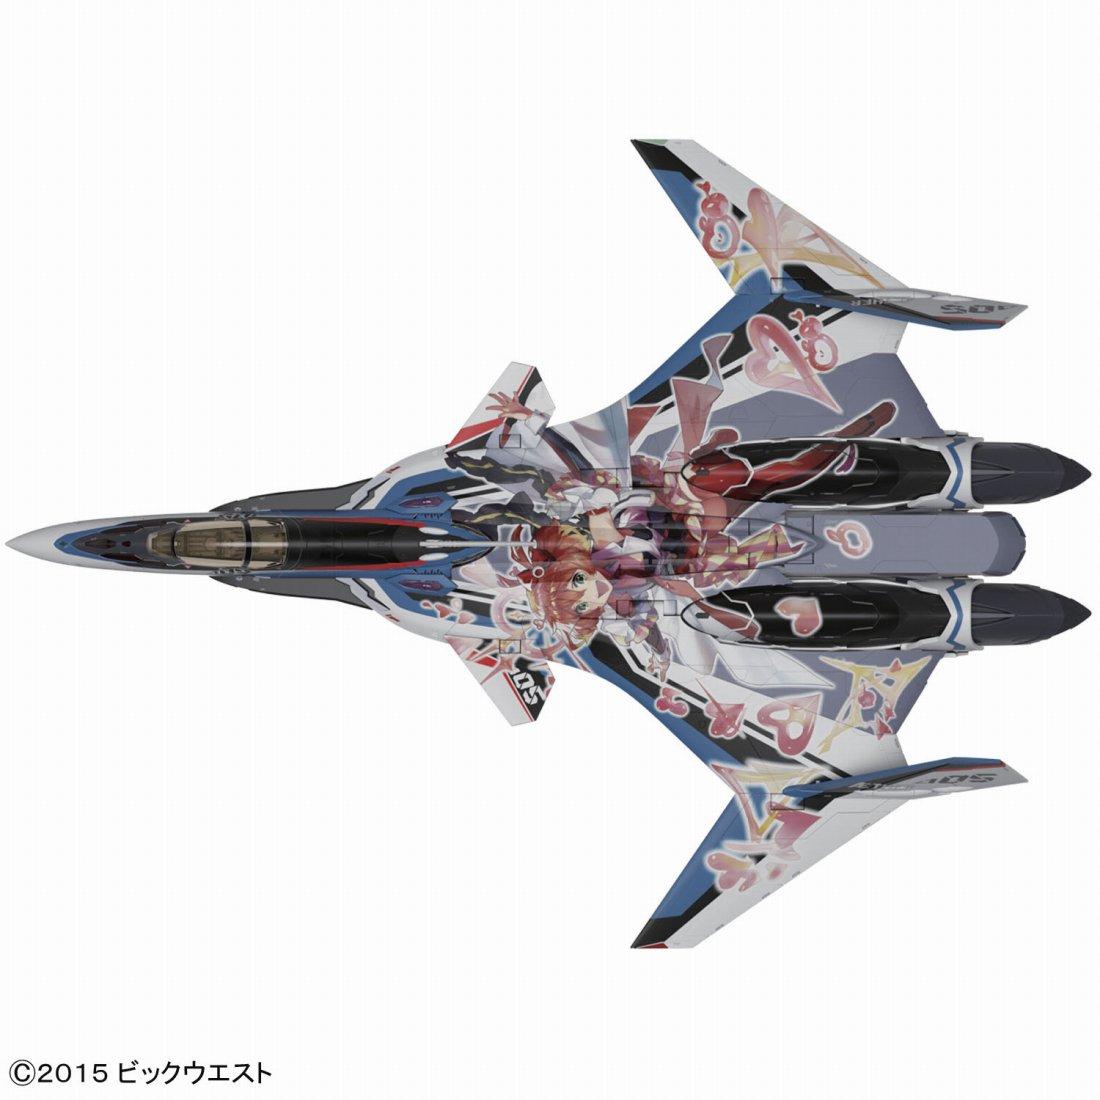 ◎「痛」仕様のVF-31J!実田千聖氏描き下しのフレイア マーキング!◆バンダイ 1/72 マクロスΔ VF-31J ジ